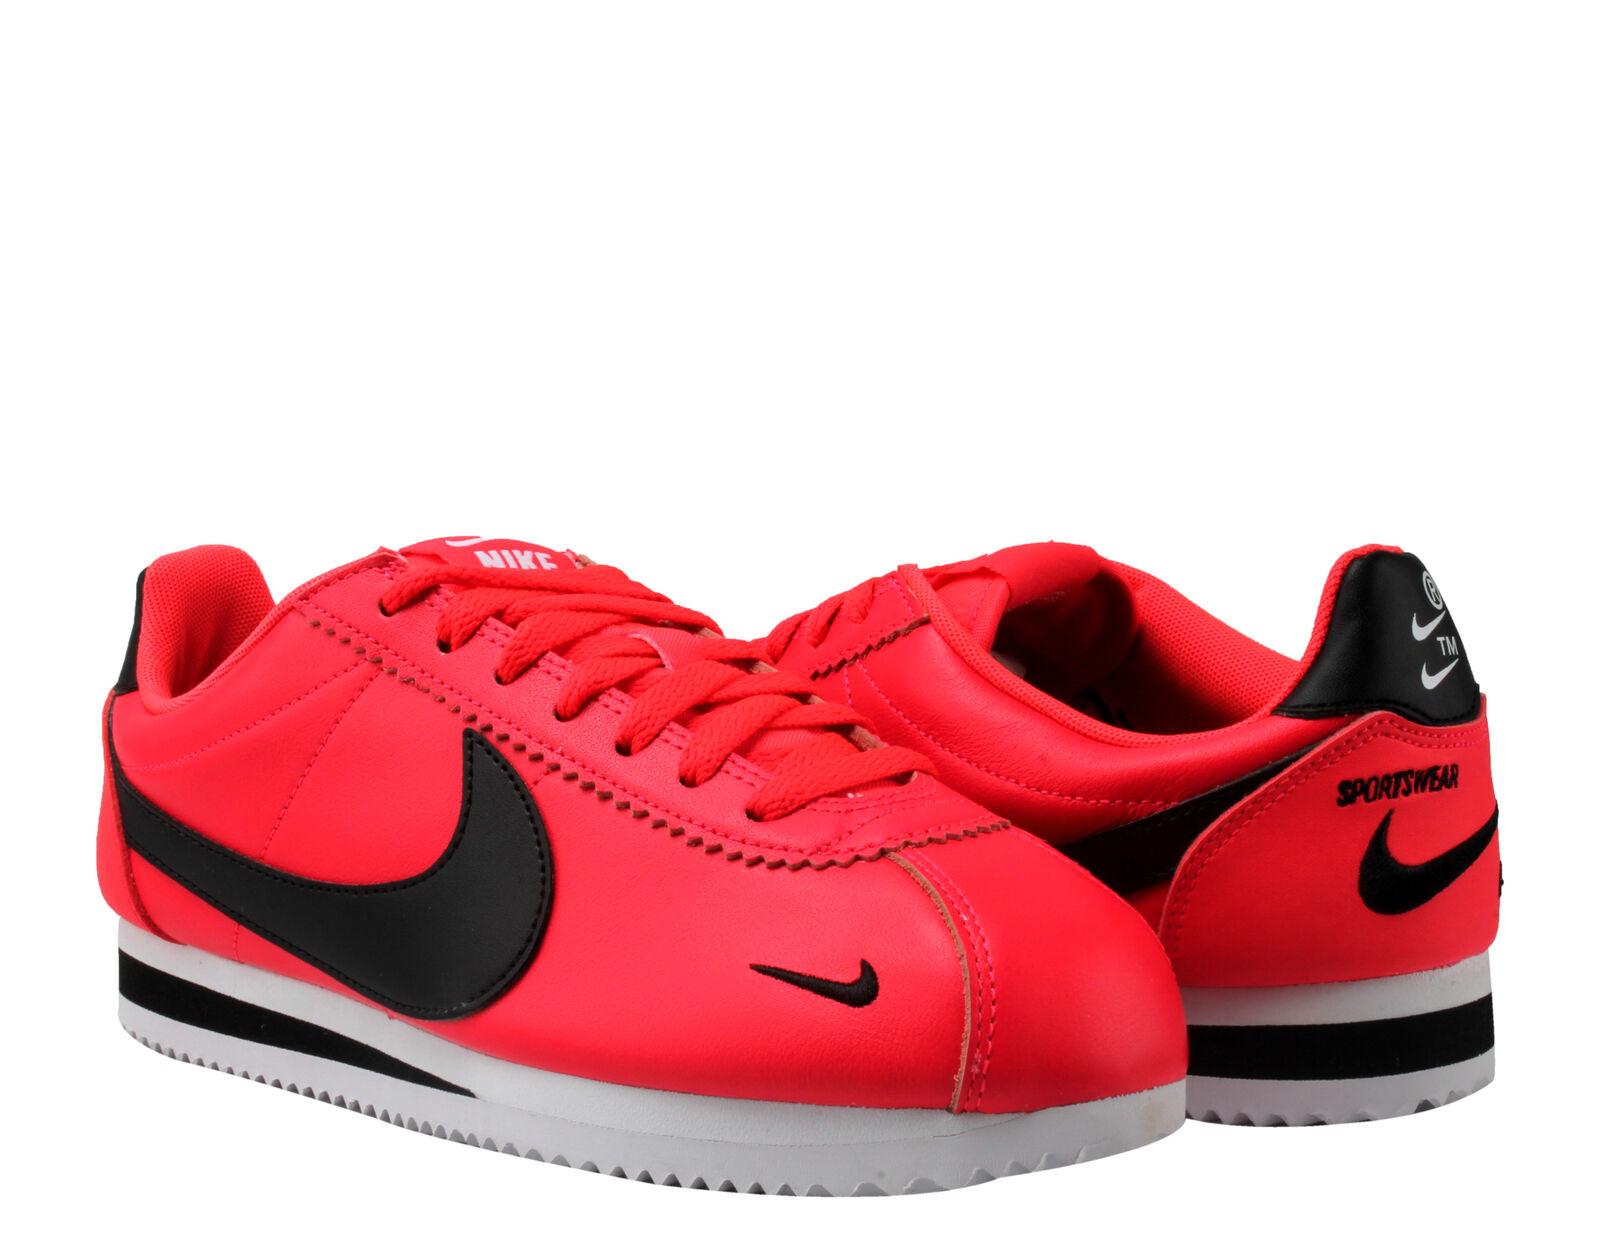 Nike Classic Cortez Premium Red Orbit Men's Running shoes 807480-601